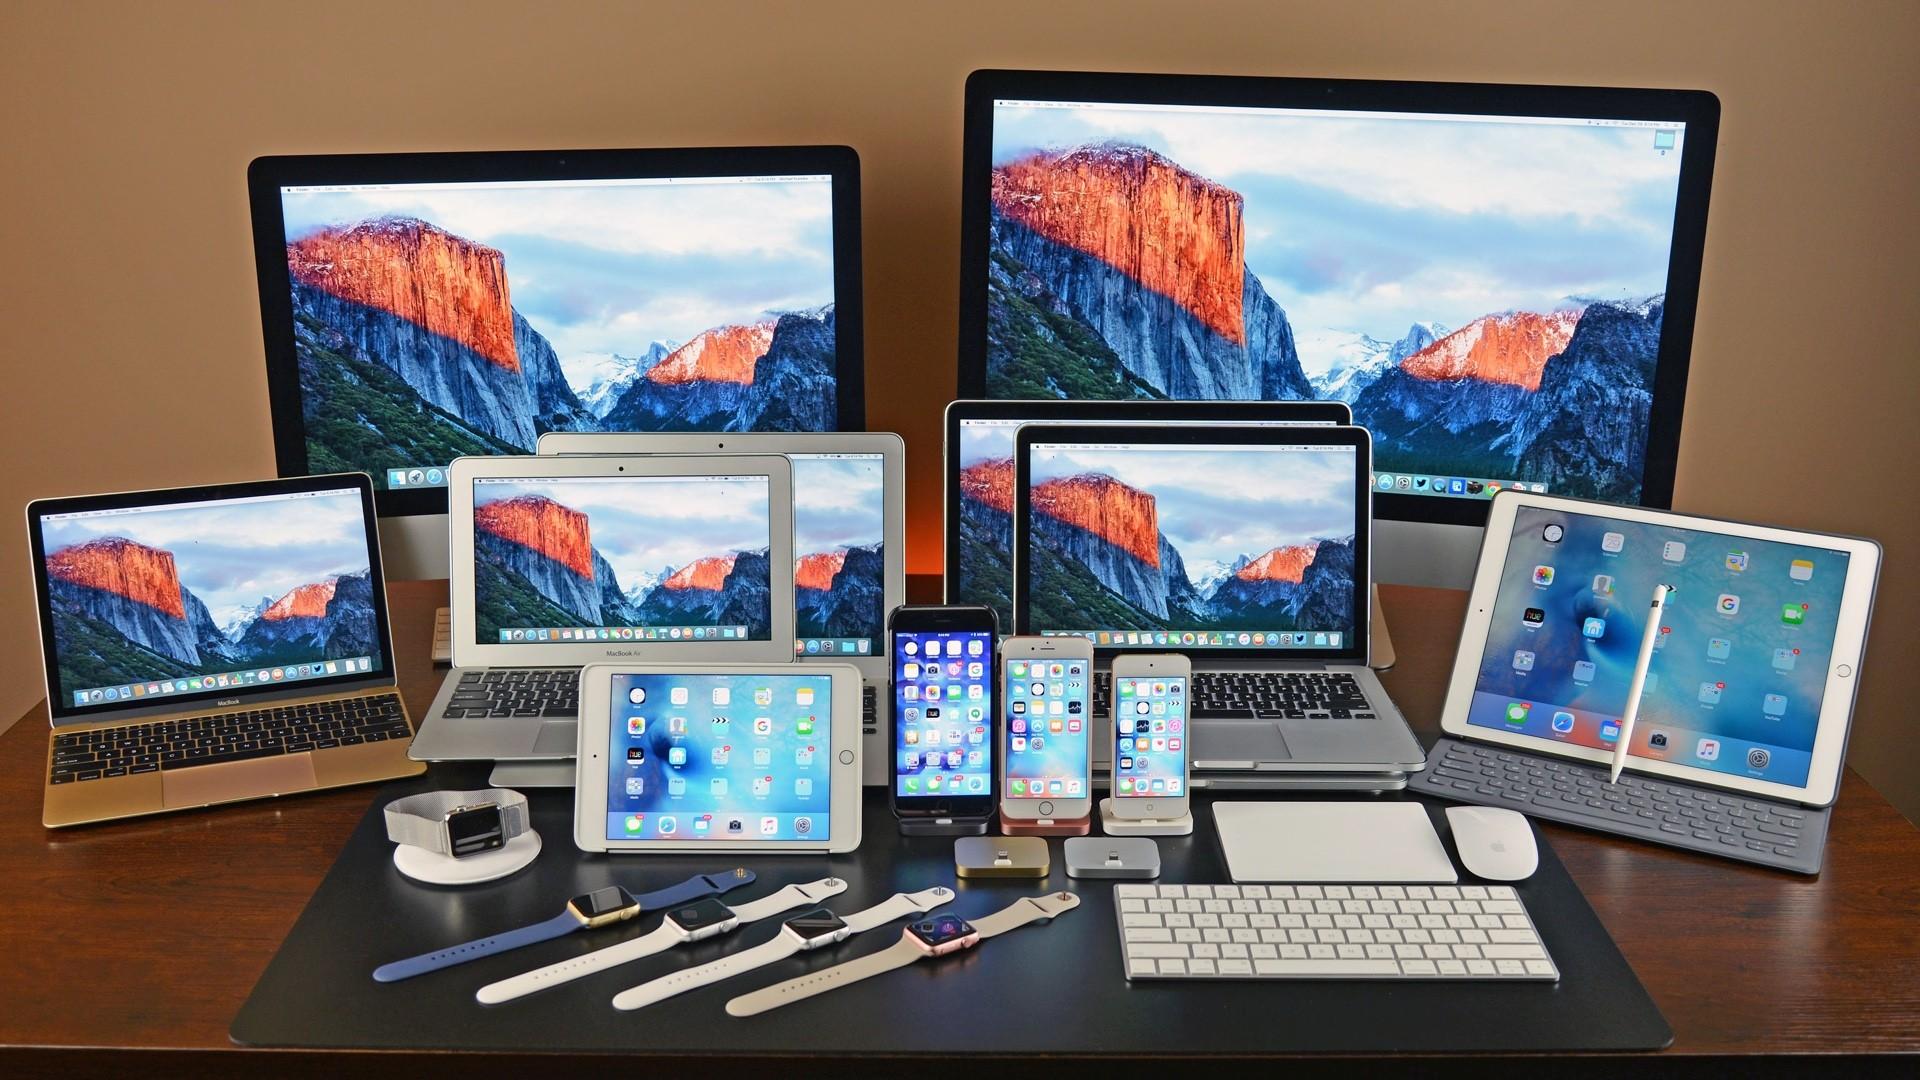 смесь все продукты эппл фото архитектура